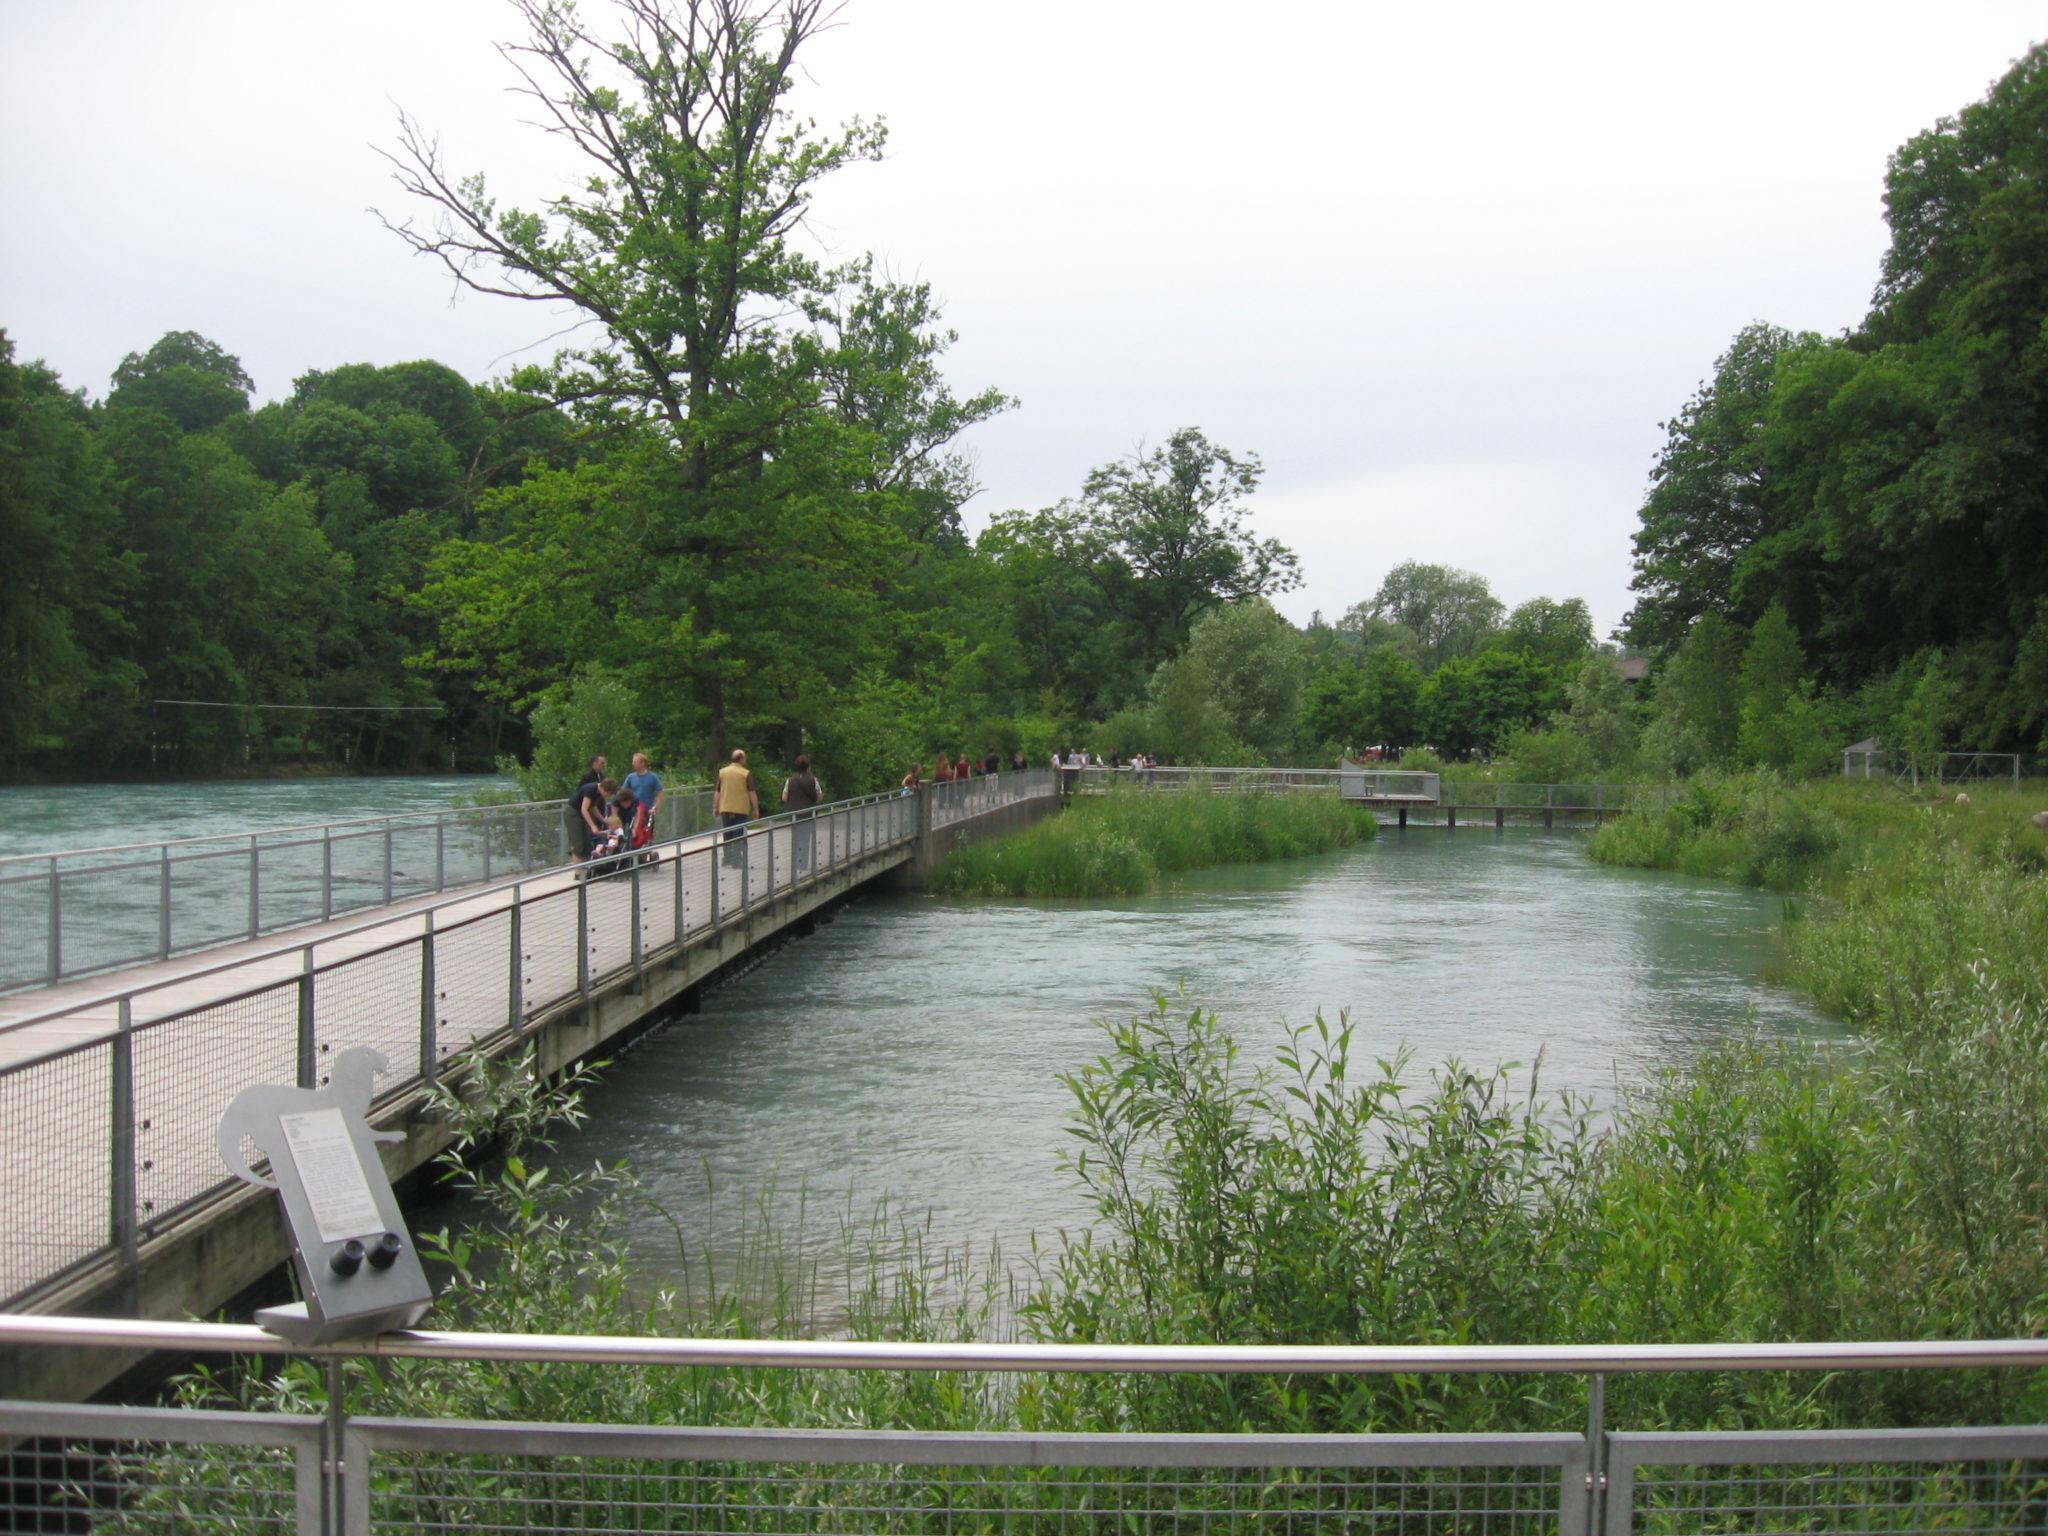 Perfektes Erholungsgebiet: Die Aareufer-Anlage im Tierpark Dählhölzli in Bern.